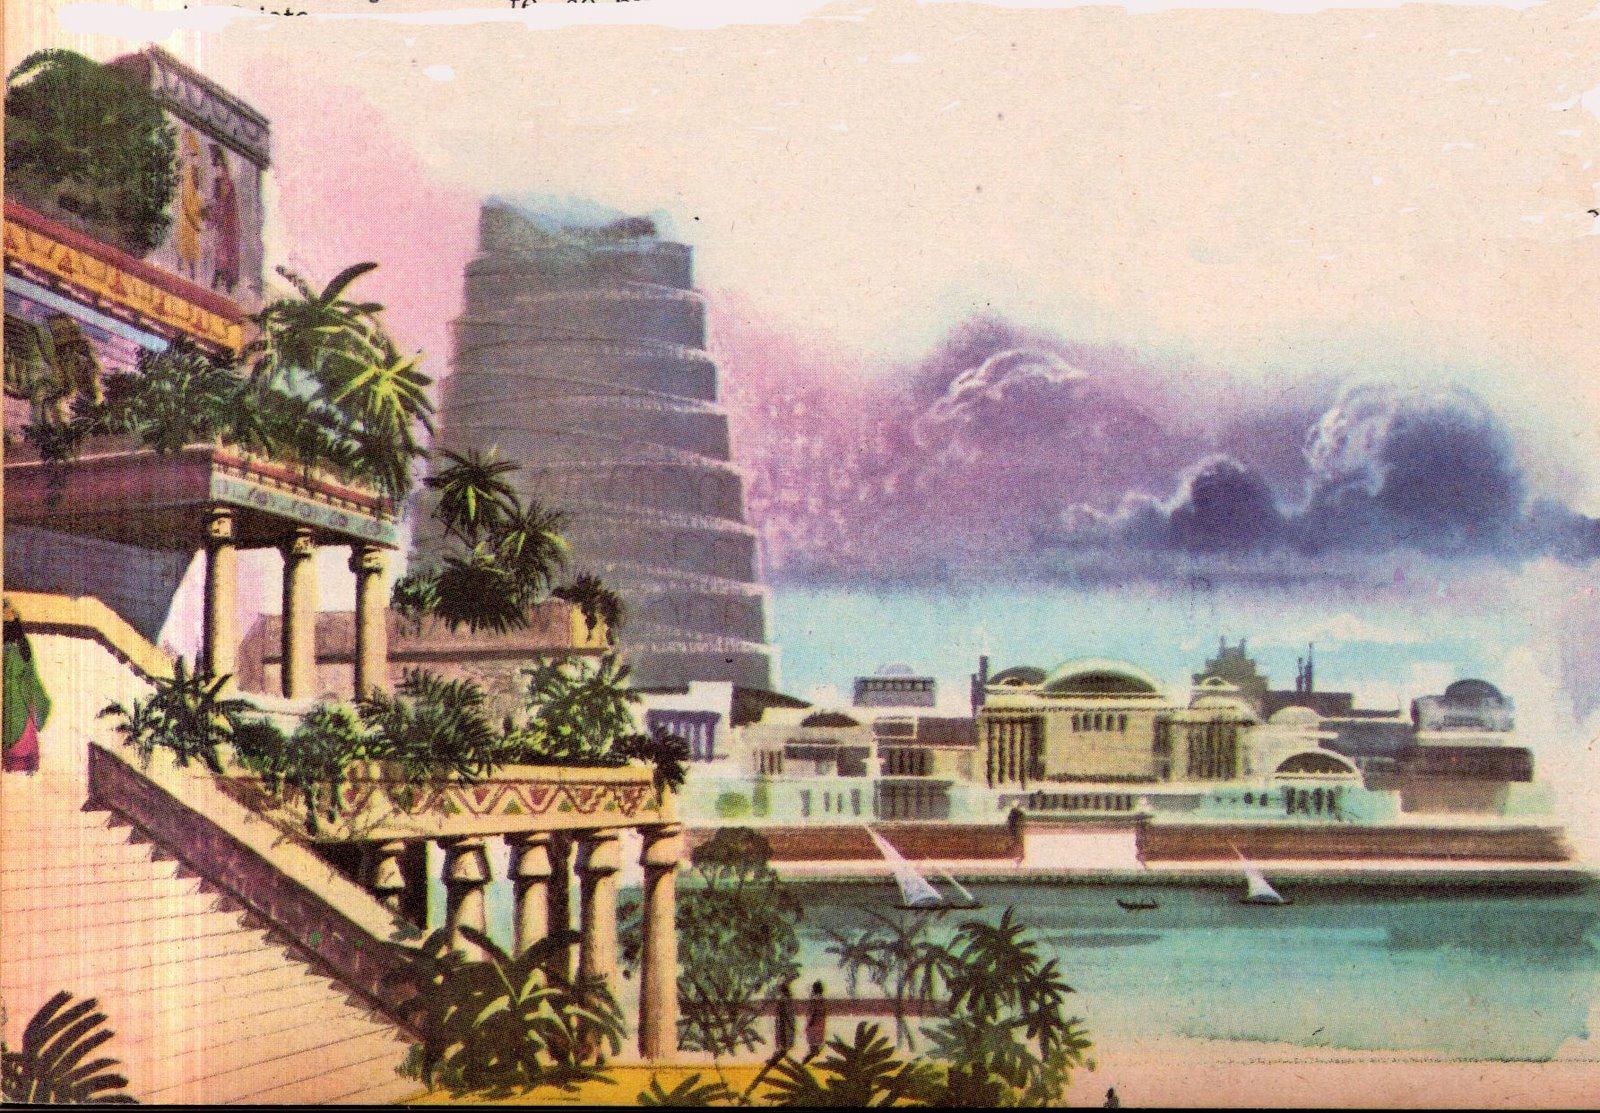 Las siete maravillas del mundo jardines colgantes de for Jardines colgantes babilonia